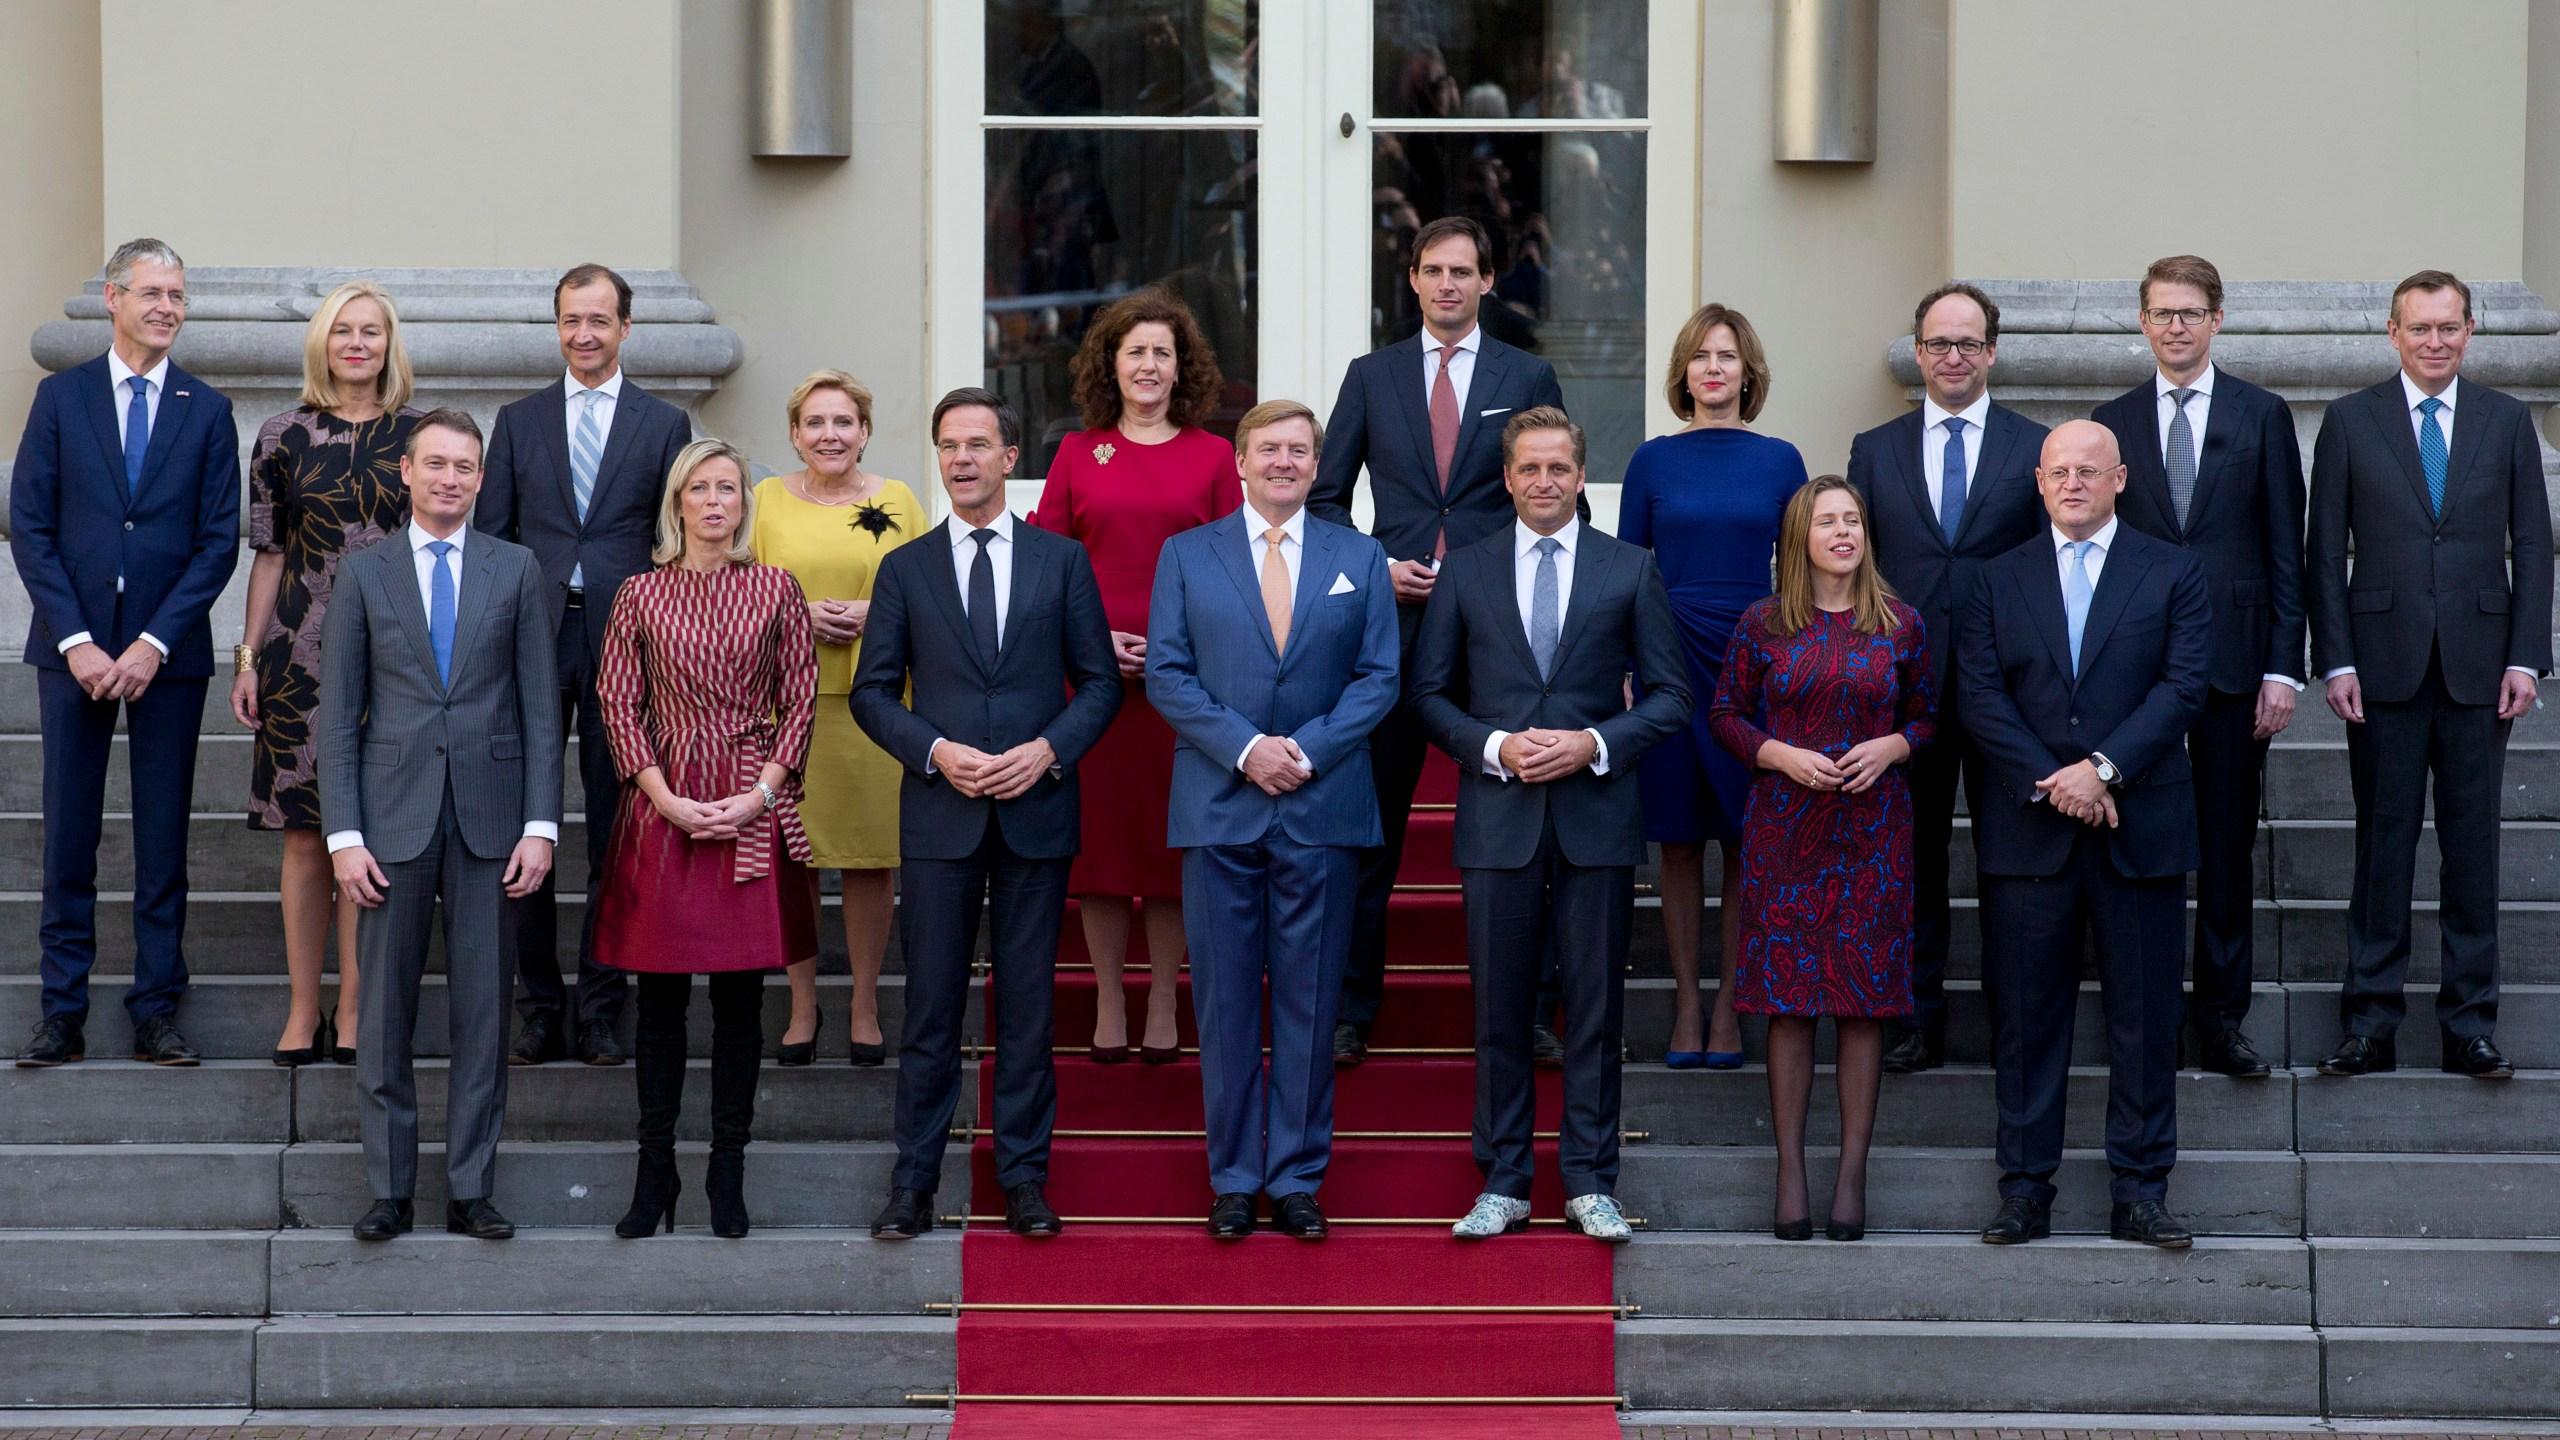 Mark Rutte,King Willem-Alexander